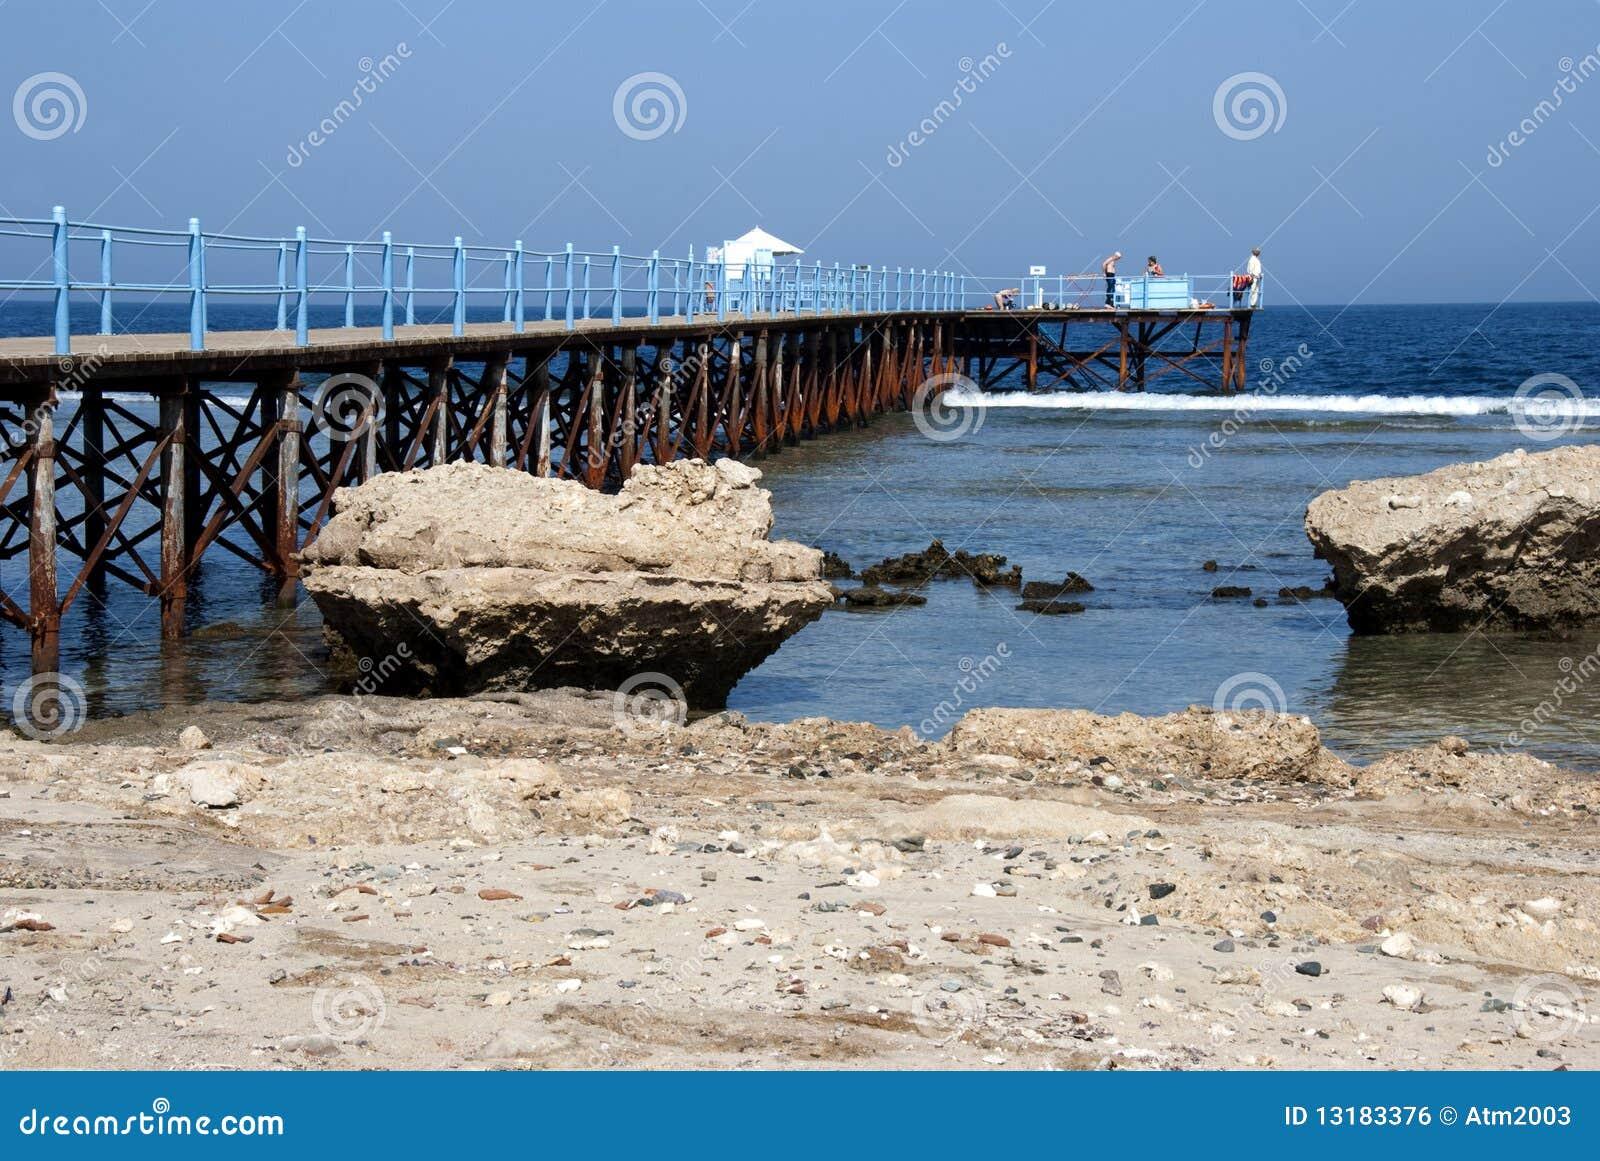 Ερυθρά Θάλασσα λιμενοβ&r